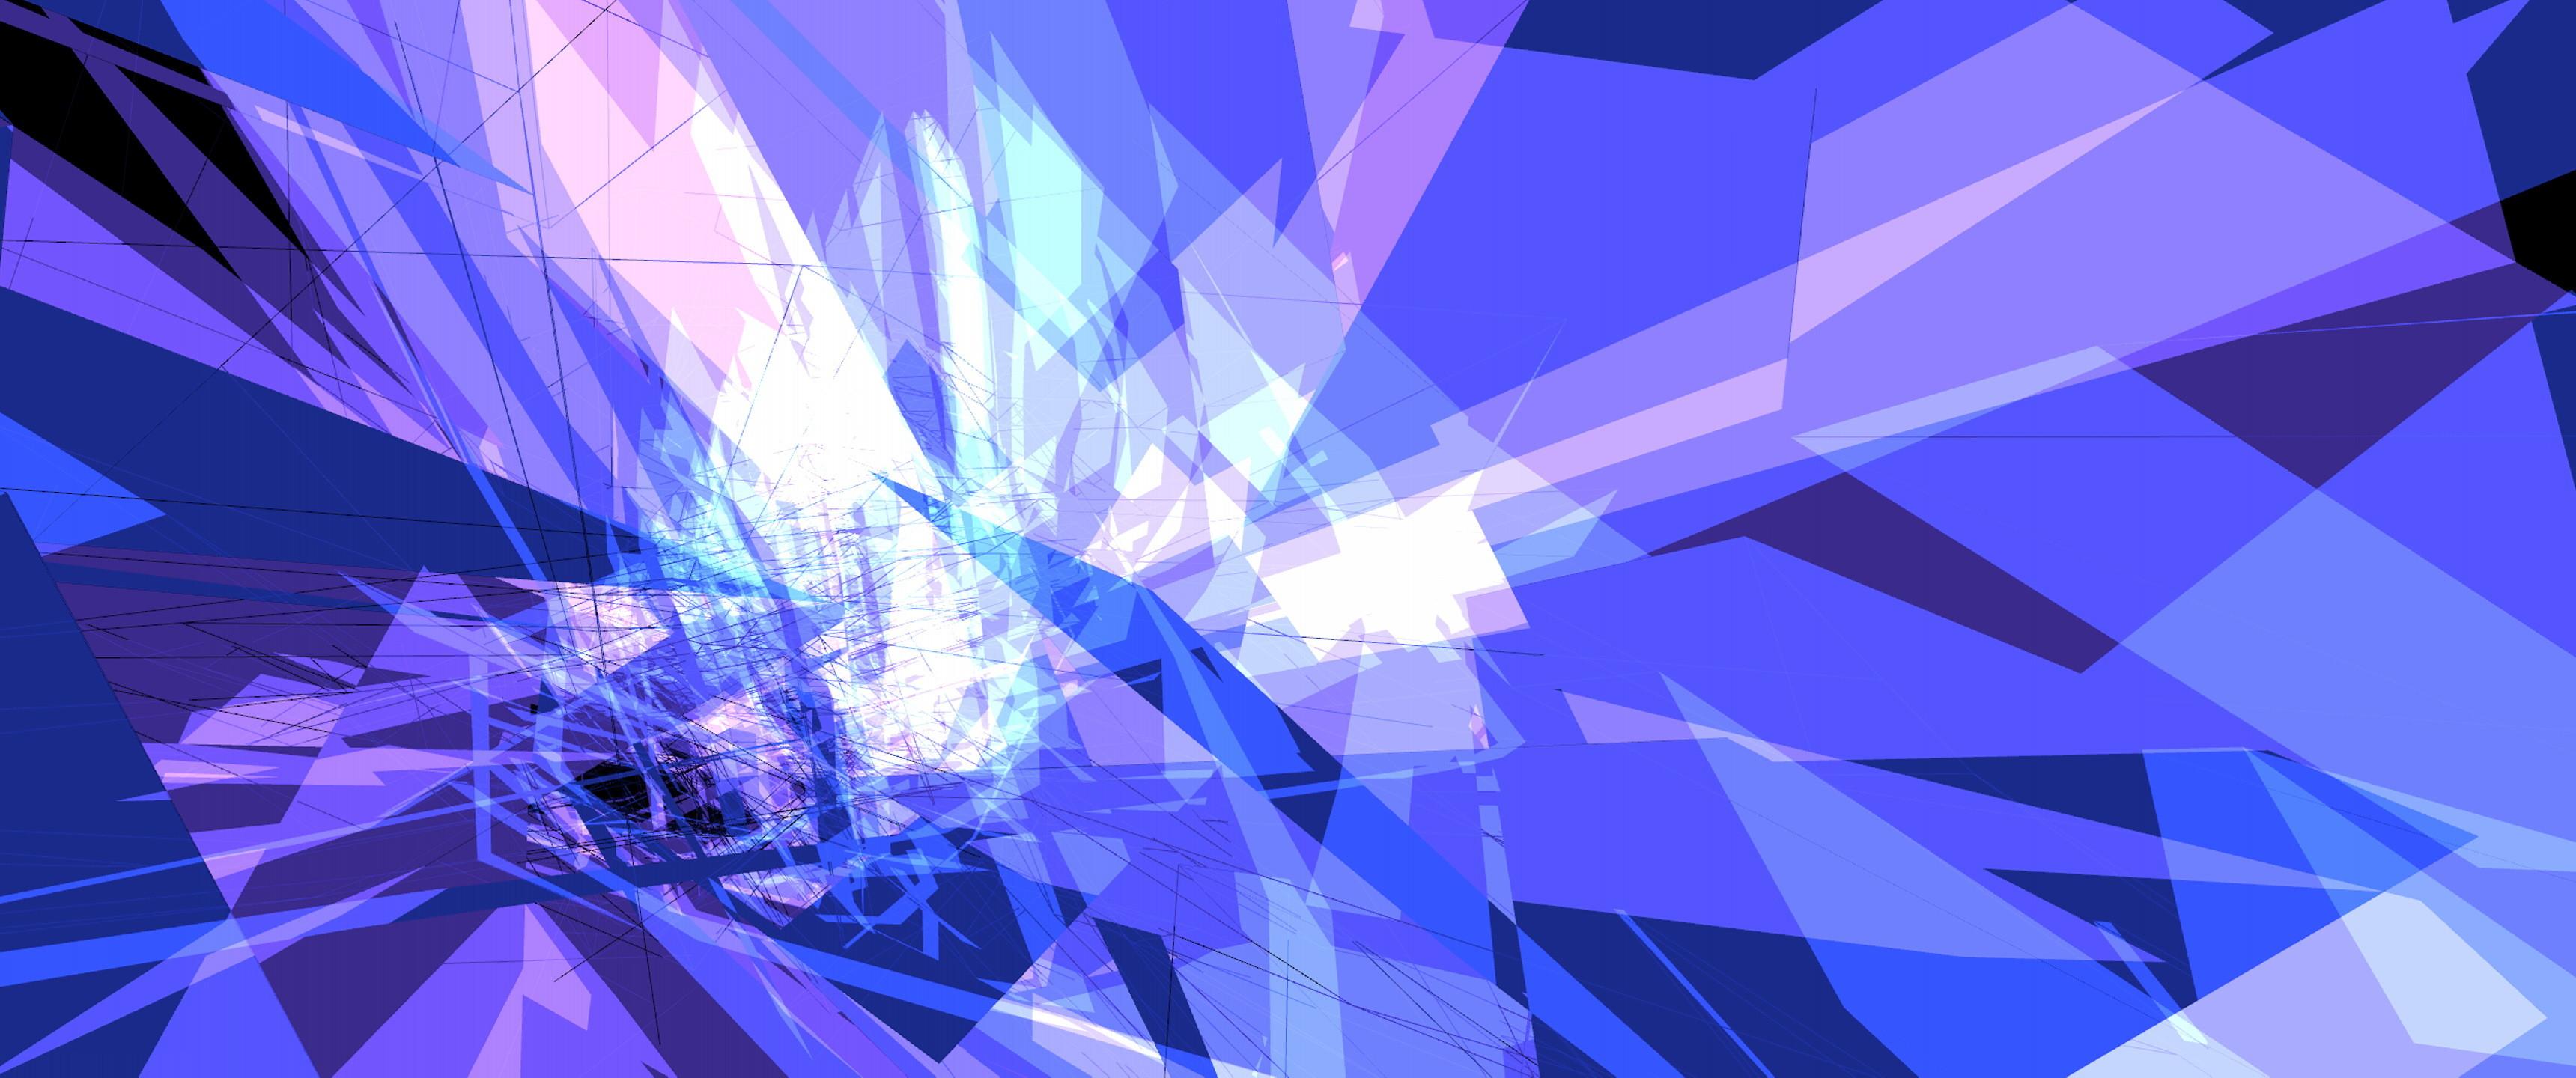 … Purple Prism Ultrawide Wallpaper